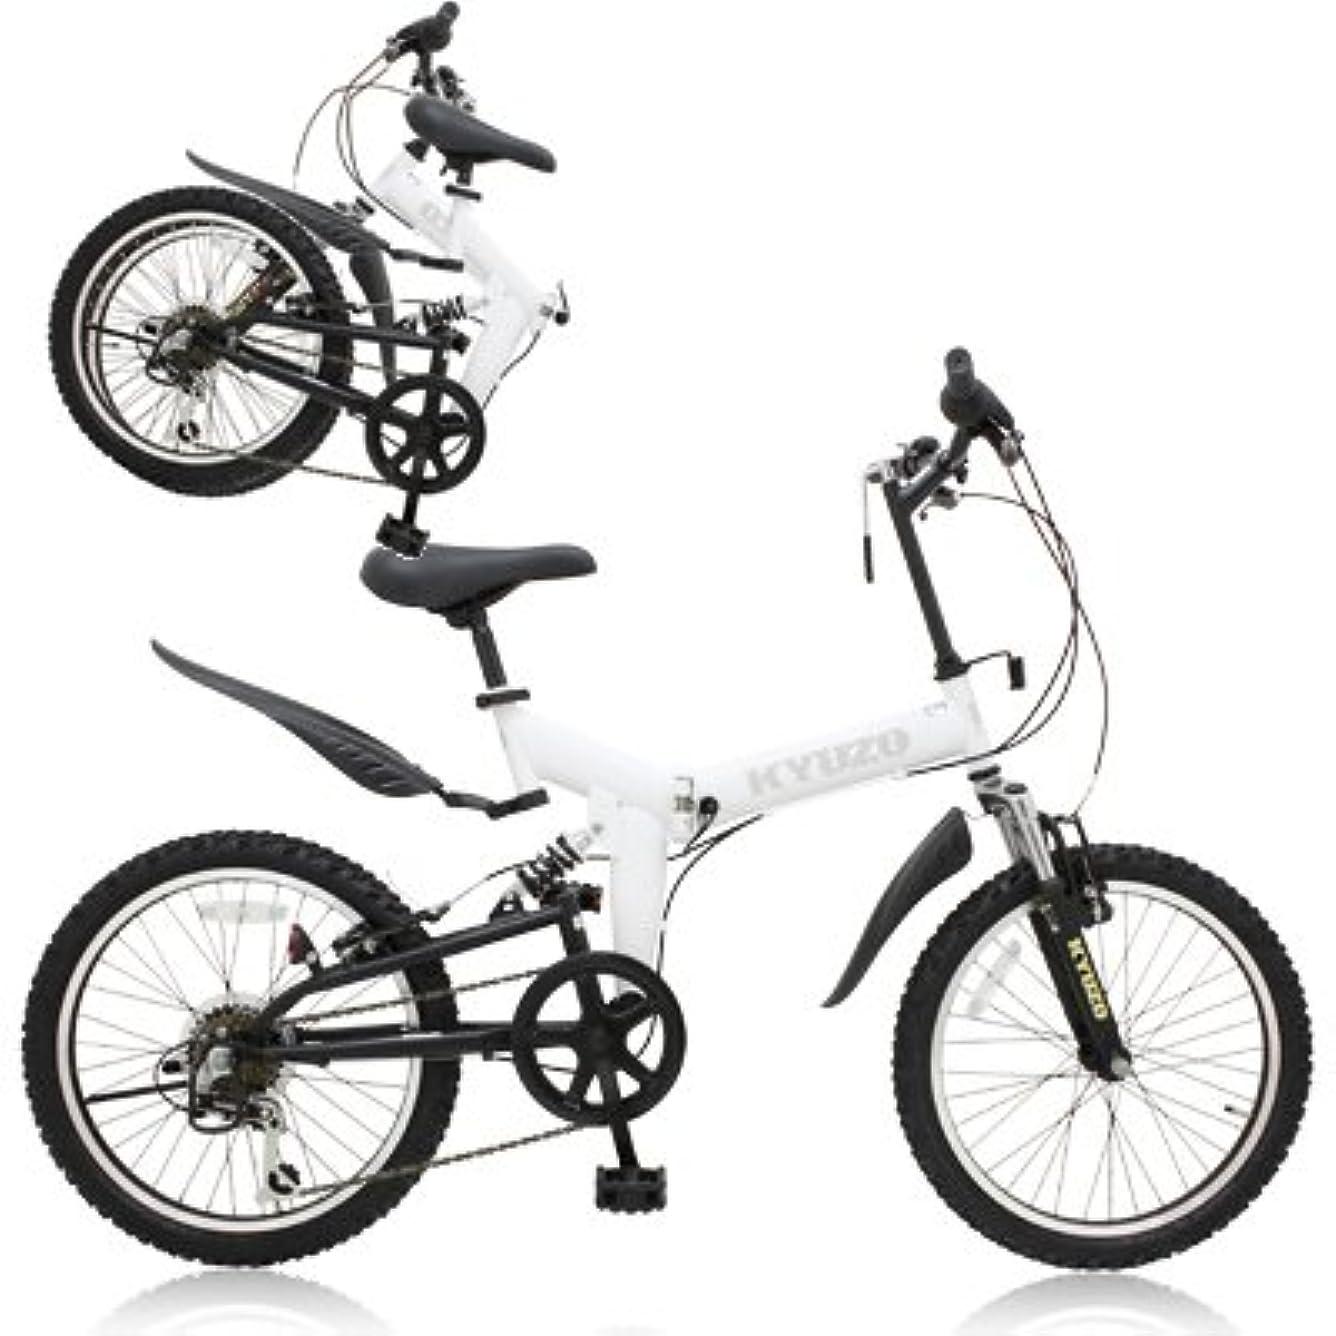 ブレース獲物単なるKYUZO 20インチ 折りたたみ自転車 シマノ純正6段変速にZOOM製フロントサス、リアサスを搭載した自転車の九蔵別注MTB! KZ-100 (マットホワイト)